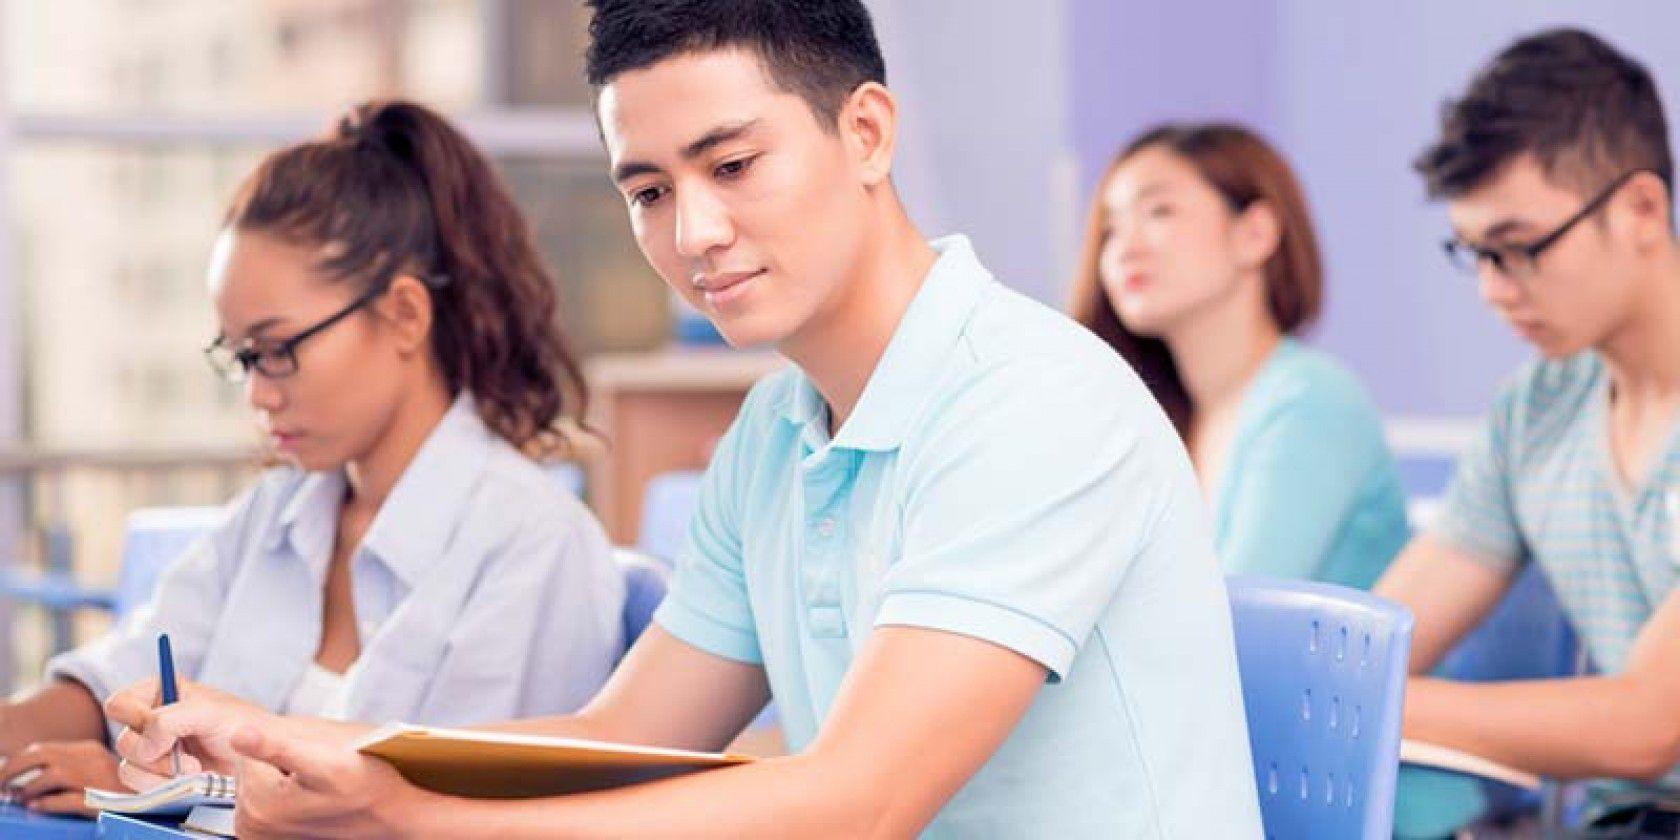 Amerika Lise Eğitimi SSAT Sınavı Başvurusu Koşulları Nelerdir?